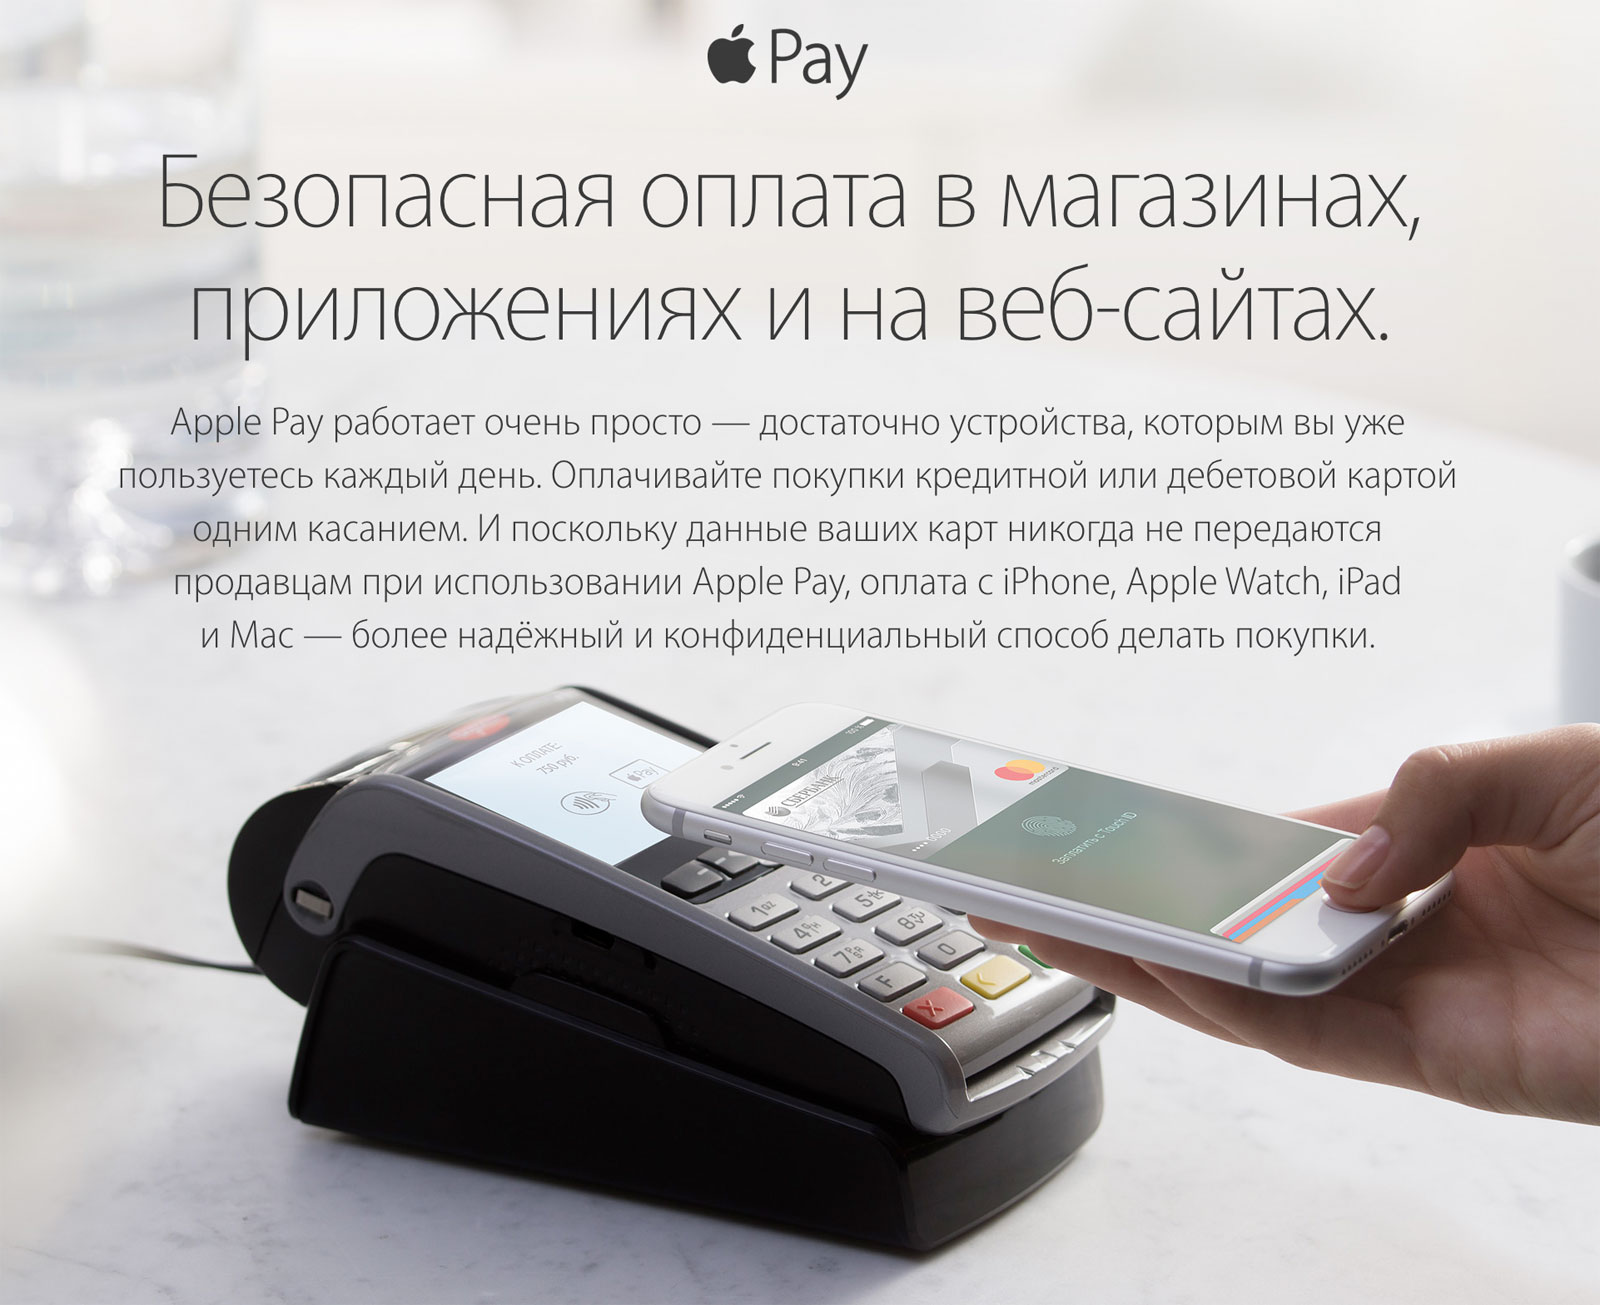 Apple Pay en Rusia